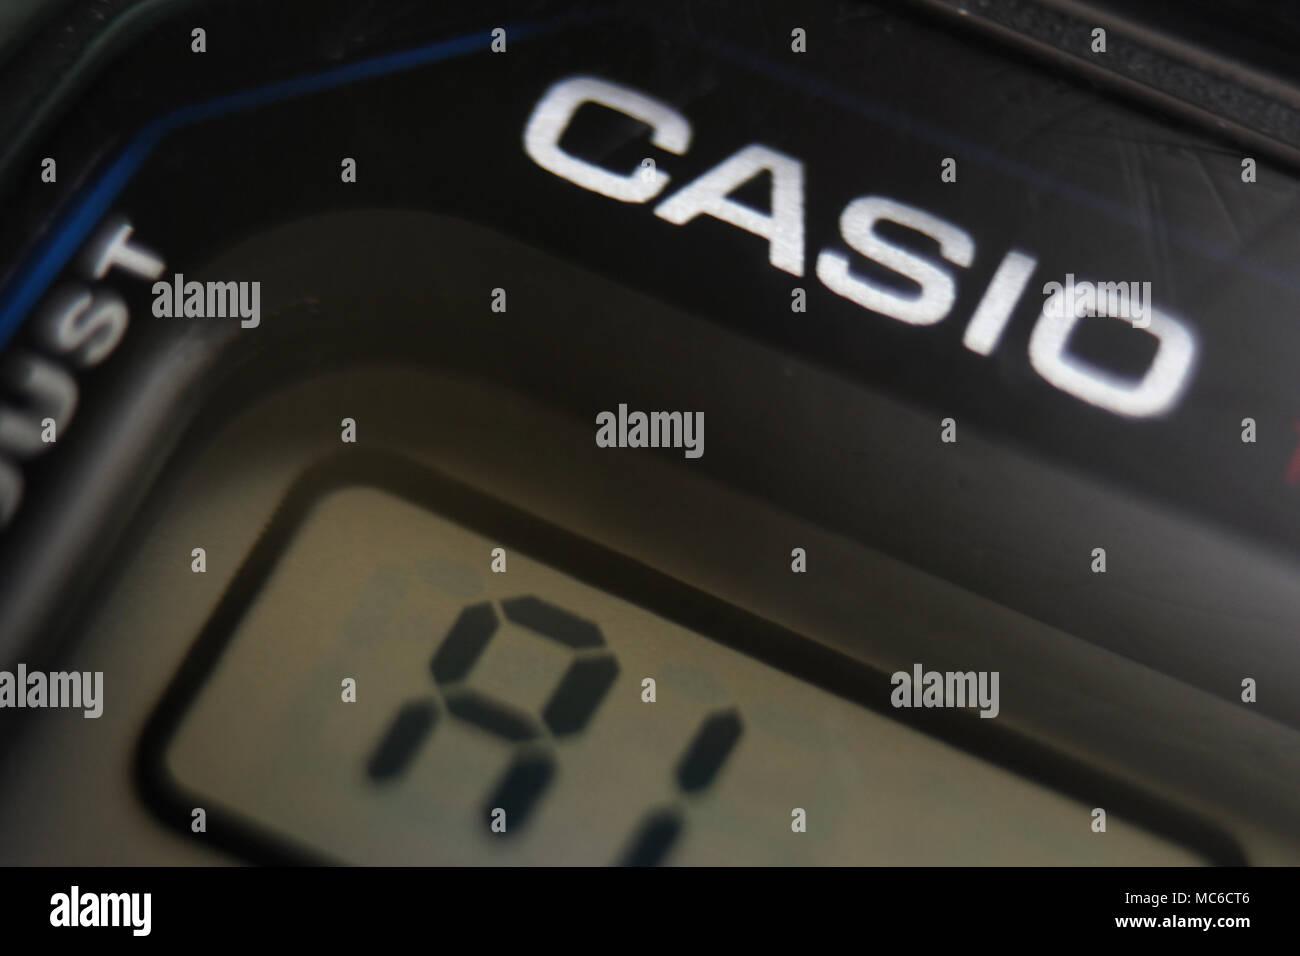 Casio digital quartz watch, close-up - Stock Image